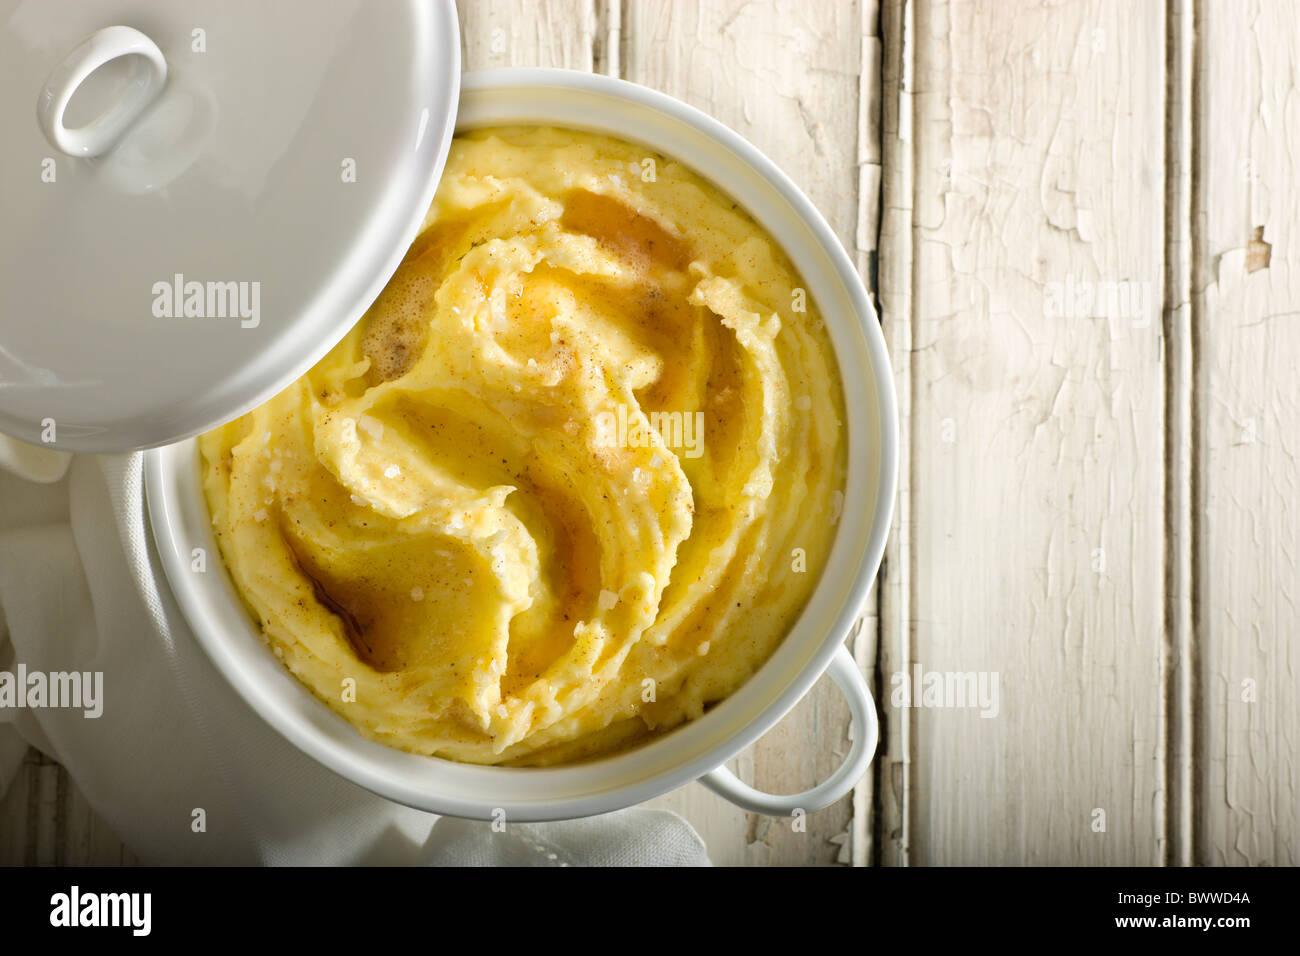 Kartoffelpüree mit garniert mit geriebener Muskatnuss, Fleur de Sel und brauner Butter. Stockbild